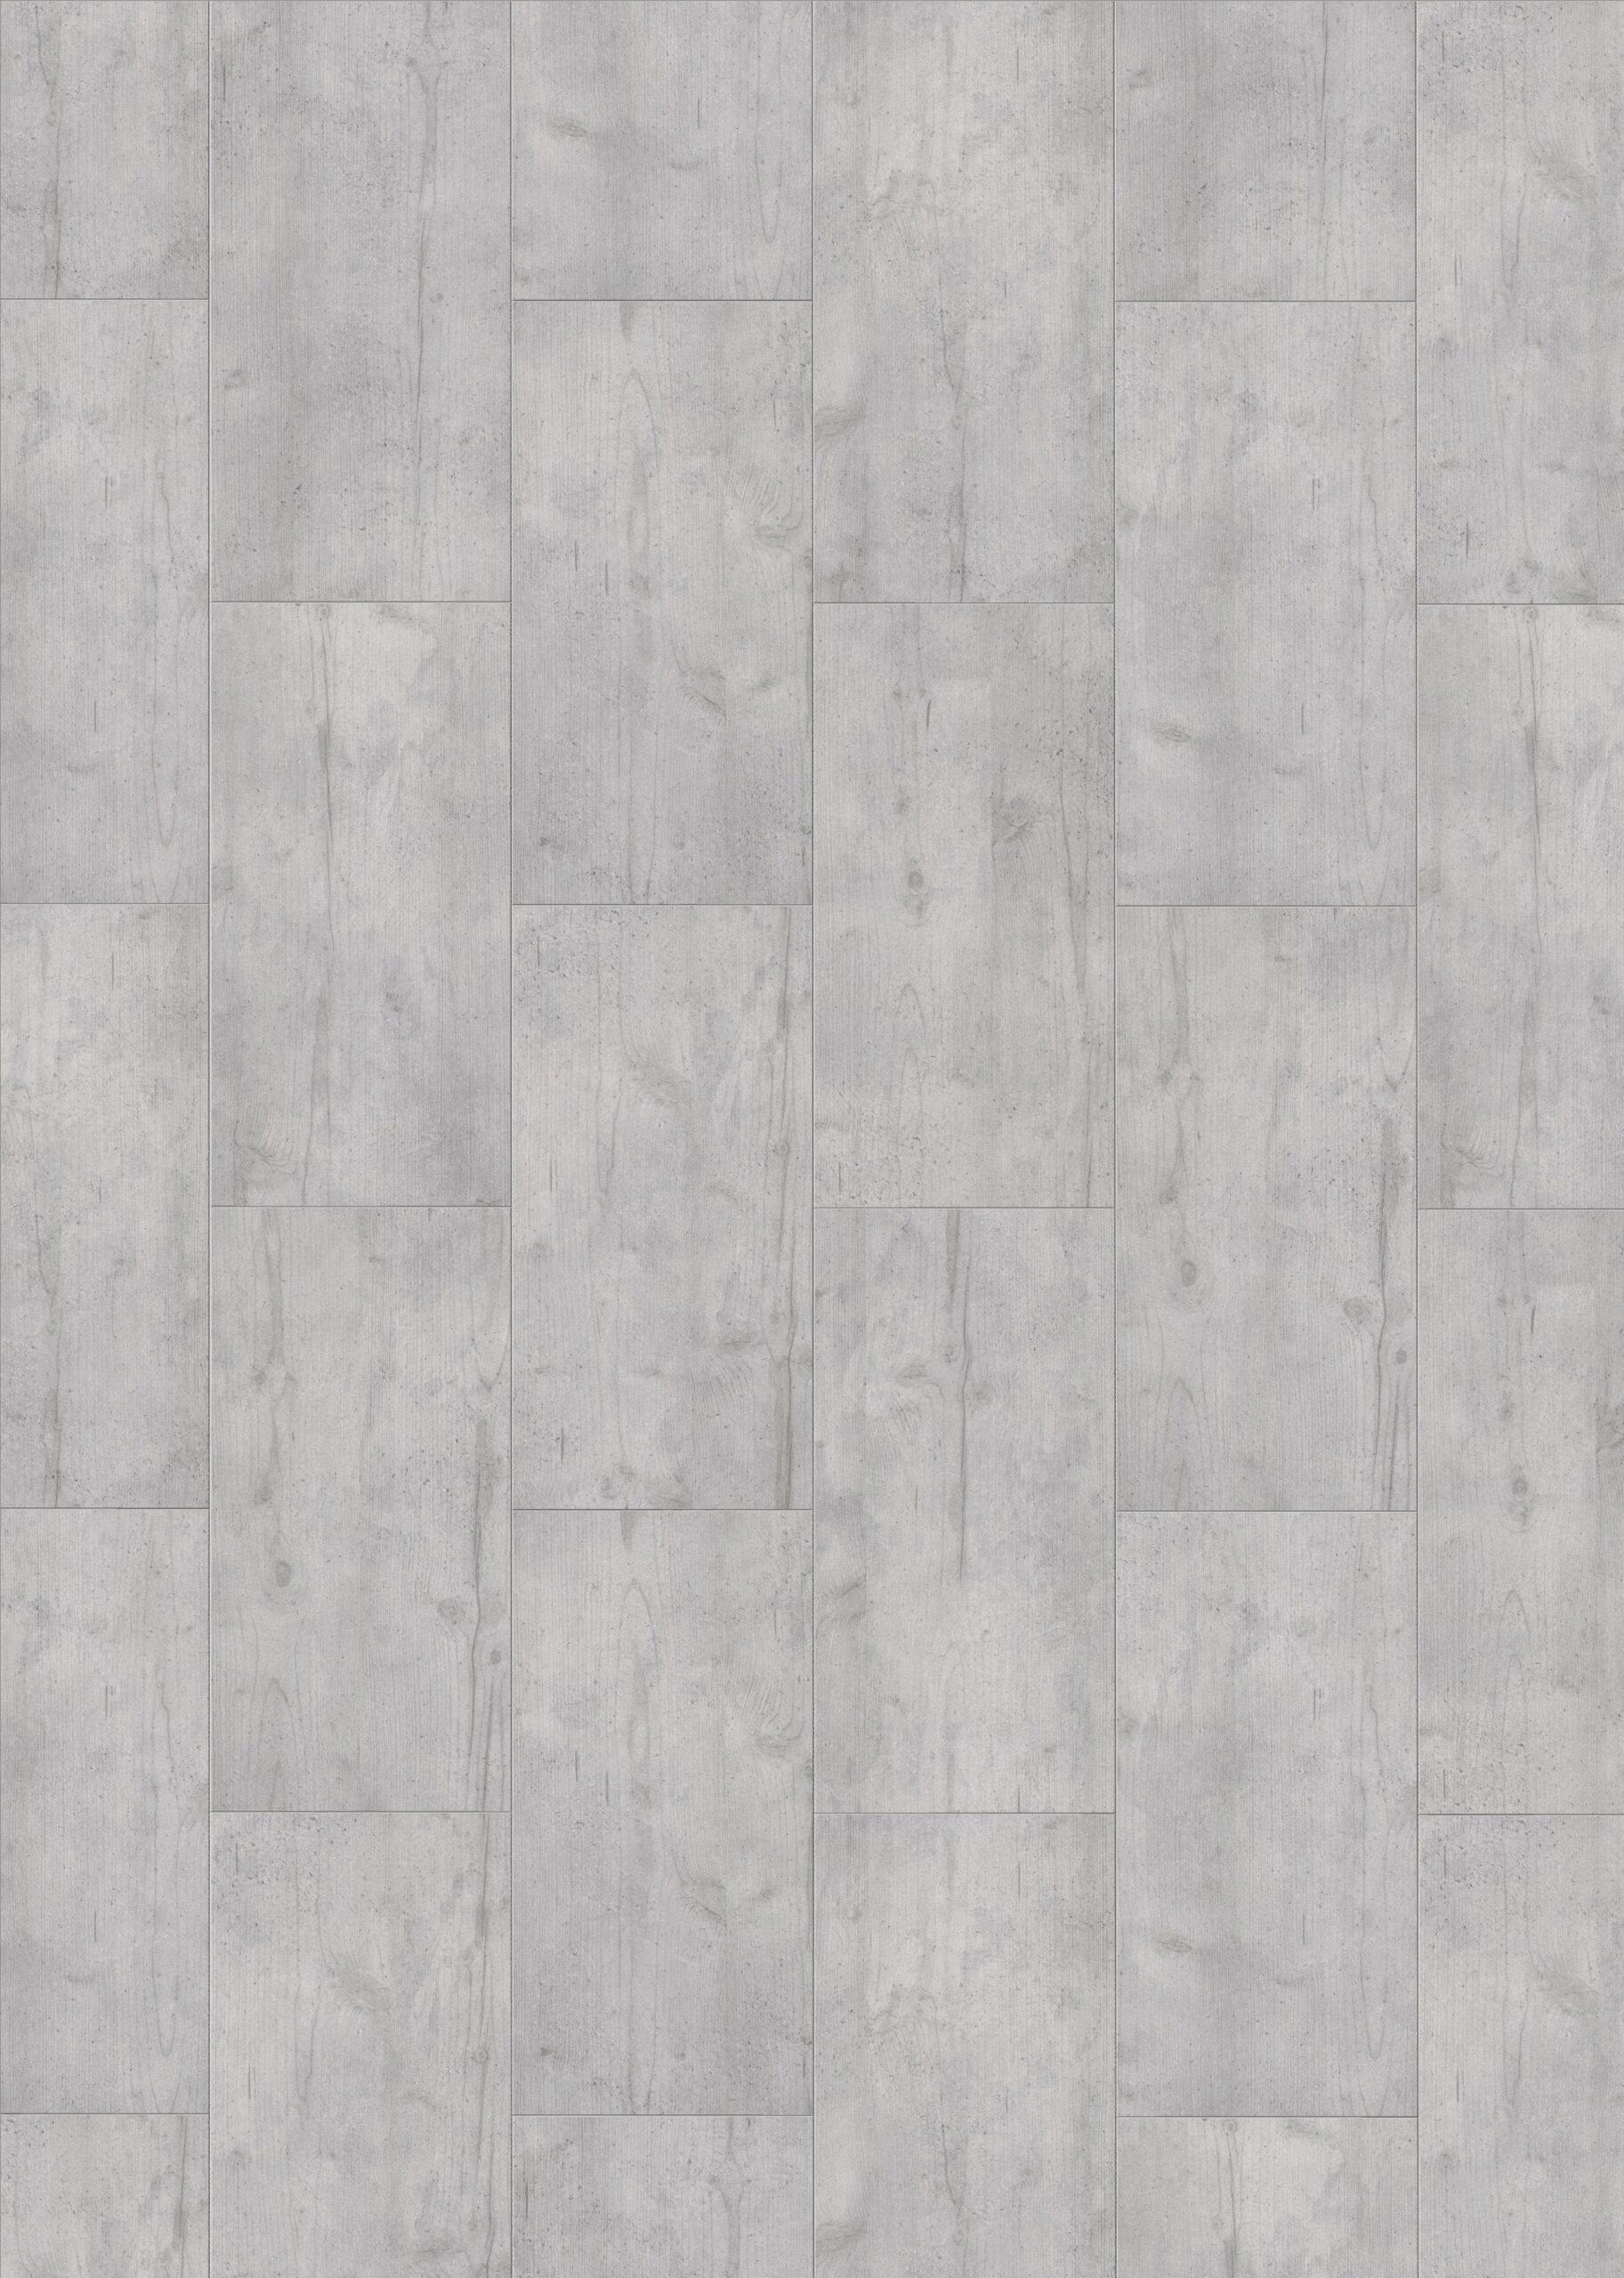 Full Size of Küche Hochglanz Fliesen Für Ohne Elektrogeräte Pendelleuchten Kurzzeitmesser Landhaus Betonoptik Thekentisch Mit Tresen Sideboard Sitzgruppe Billig Kaufen Wohnzimmer Küche Betonoptik Holzboden